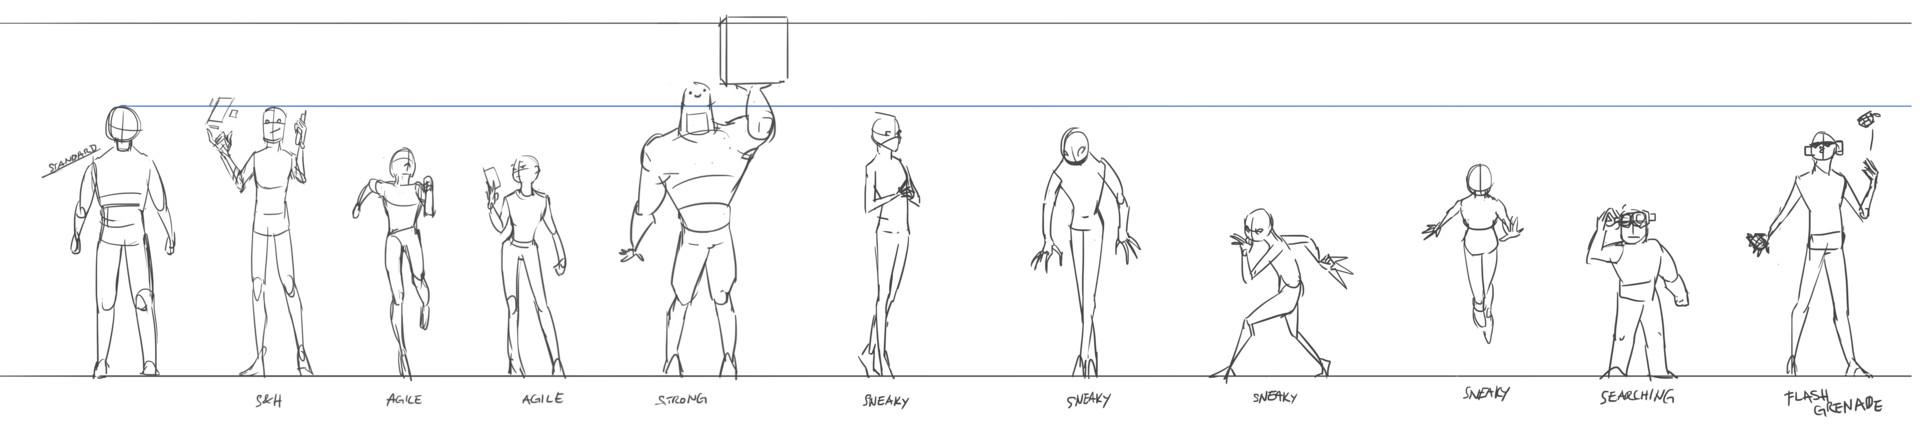 Rohan yang character concepts 01